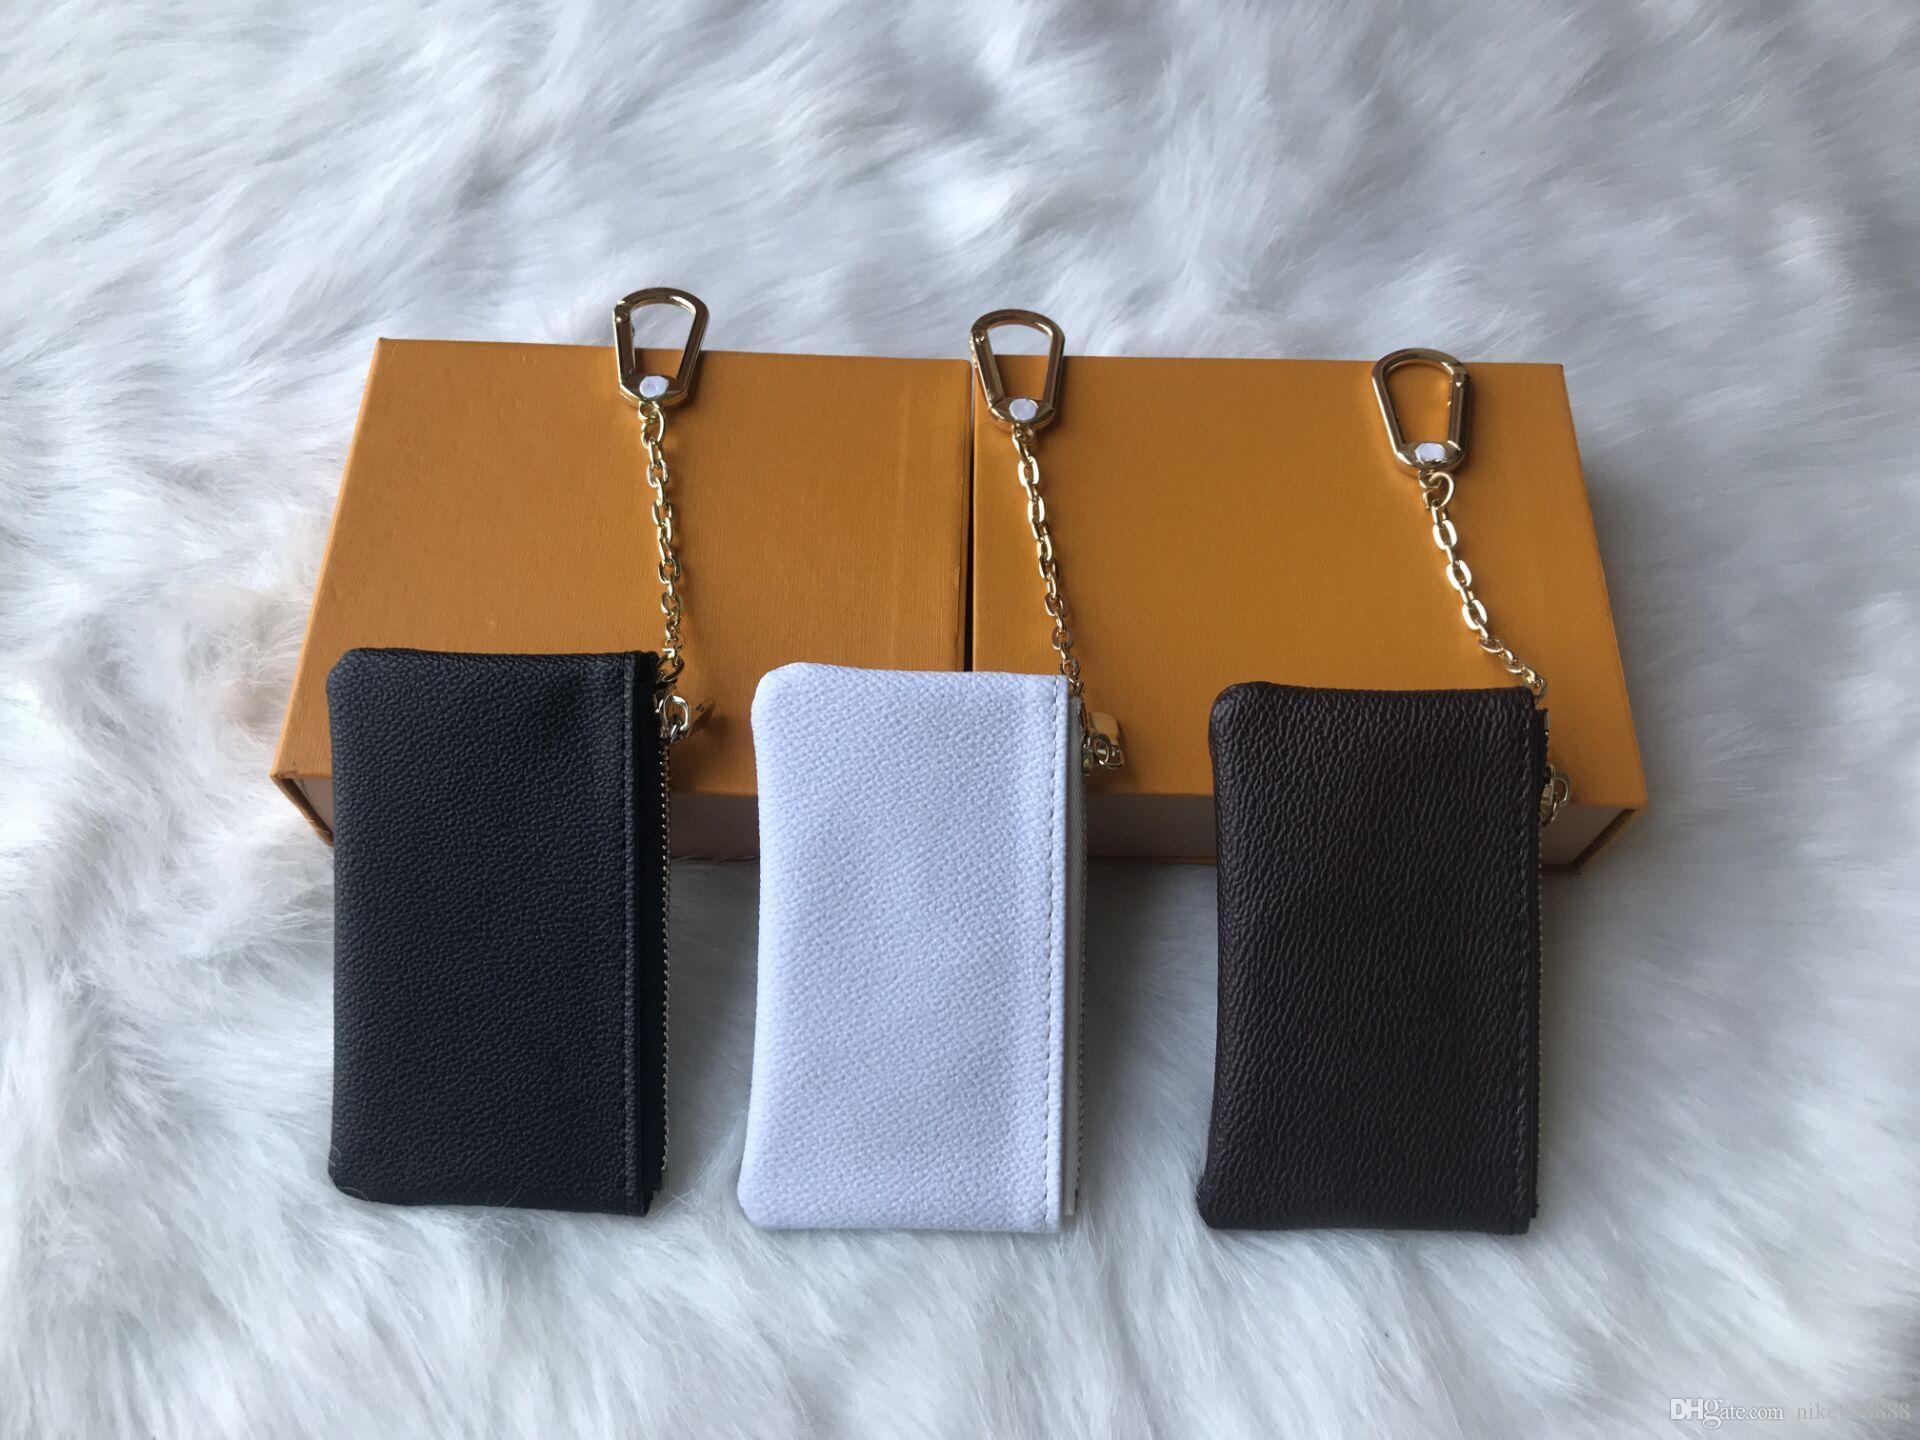 Fransa Lady Cüzdan Stil Tasarımcı Erkekler Yeni Para Kadınlar 2019 Deri Sikke Çanta Cüzdan Kılıfı Mini Anahtar IPSne